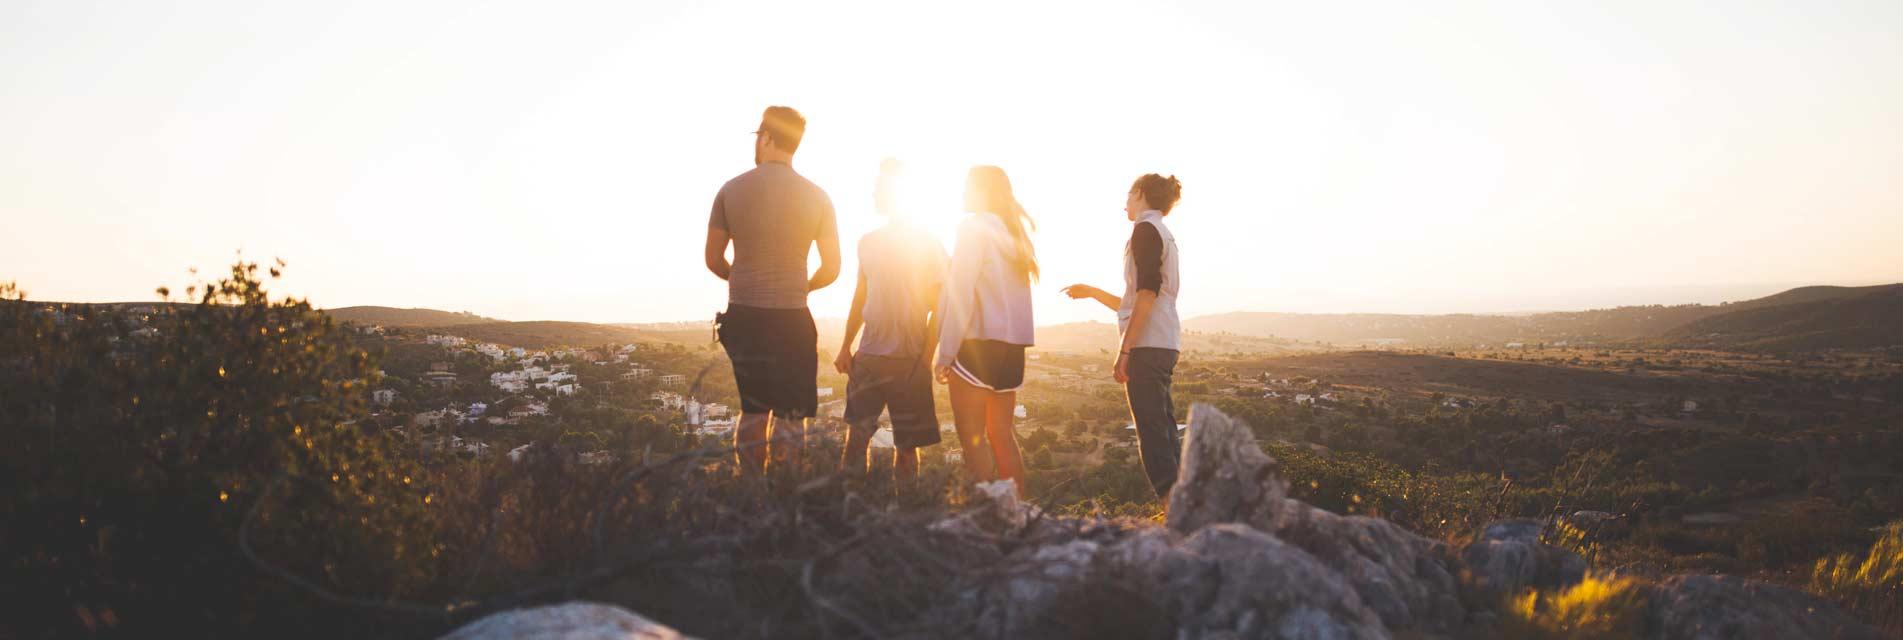 Nos idées week-ends et séjours dédiés aux groupes d'amis dans le Tarn en Occitanie